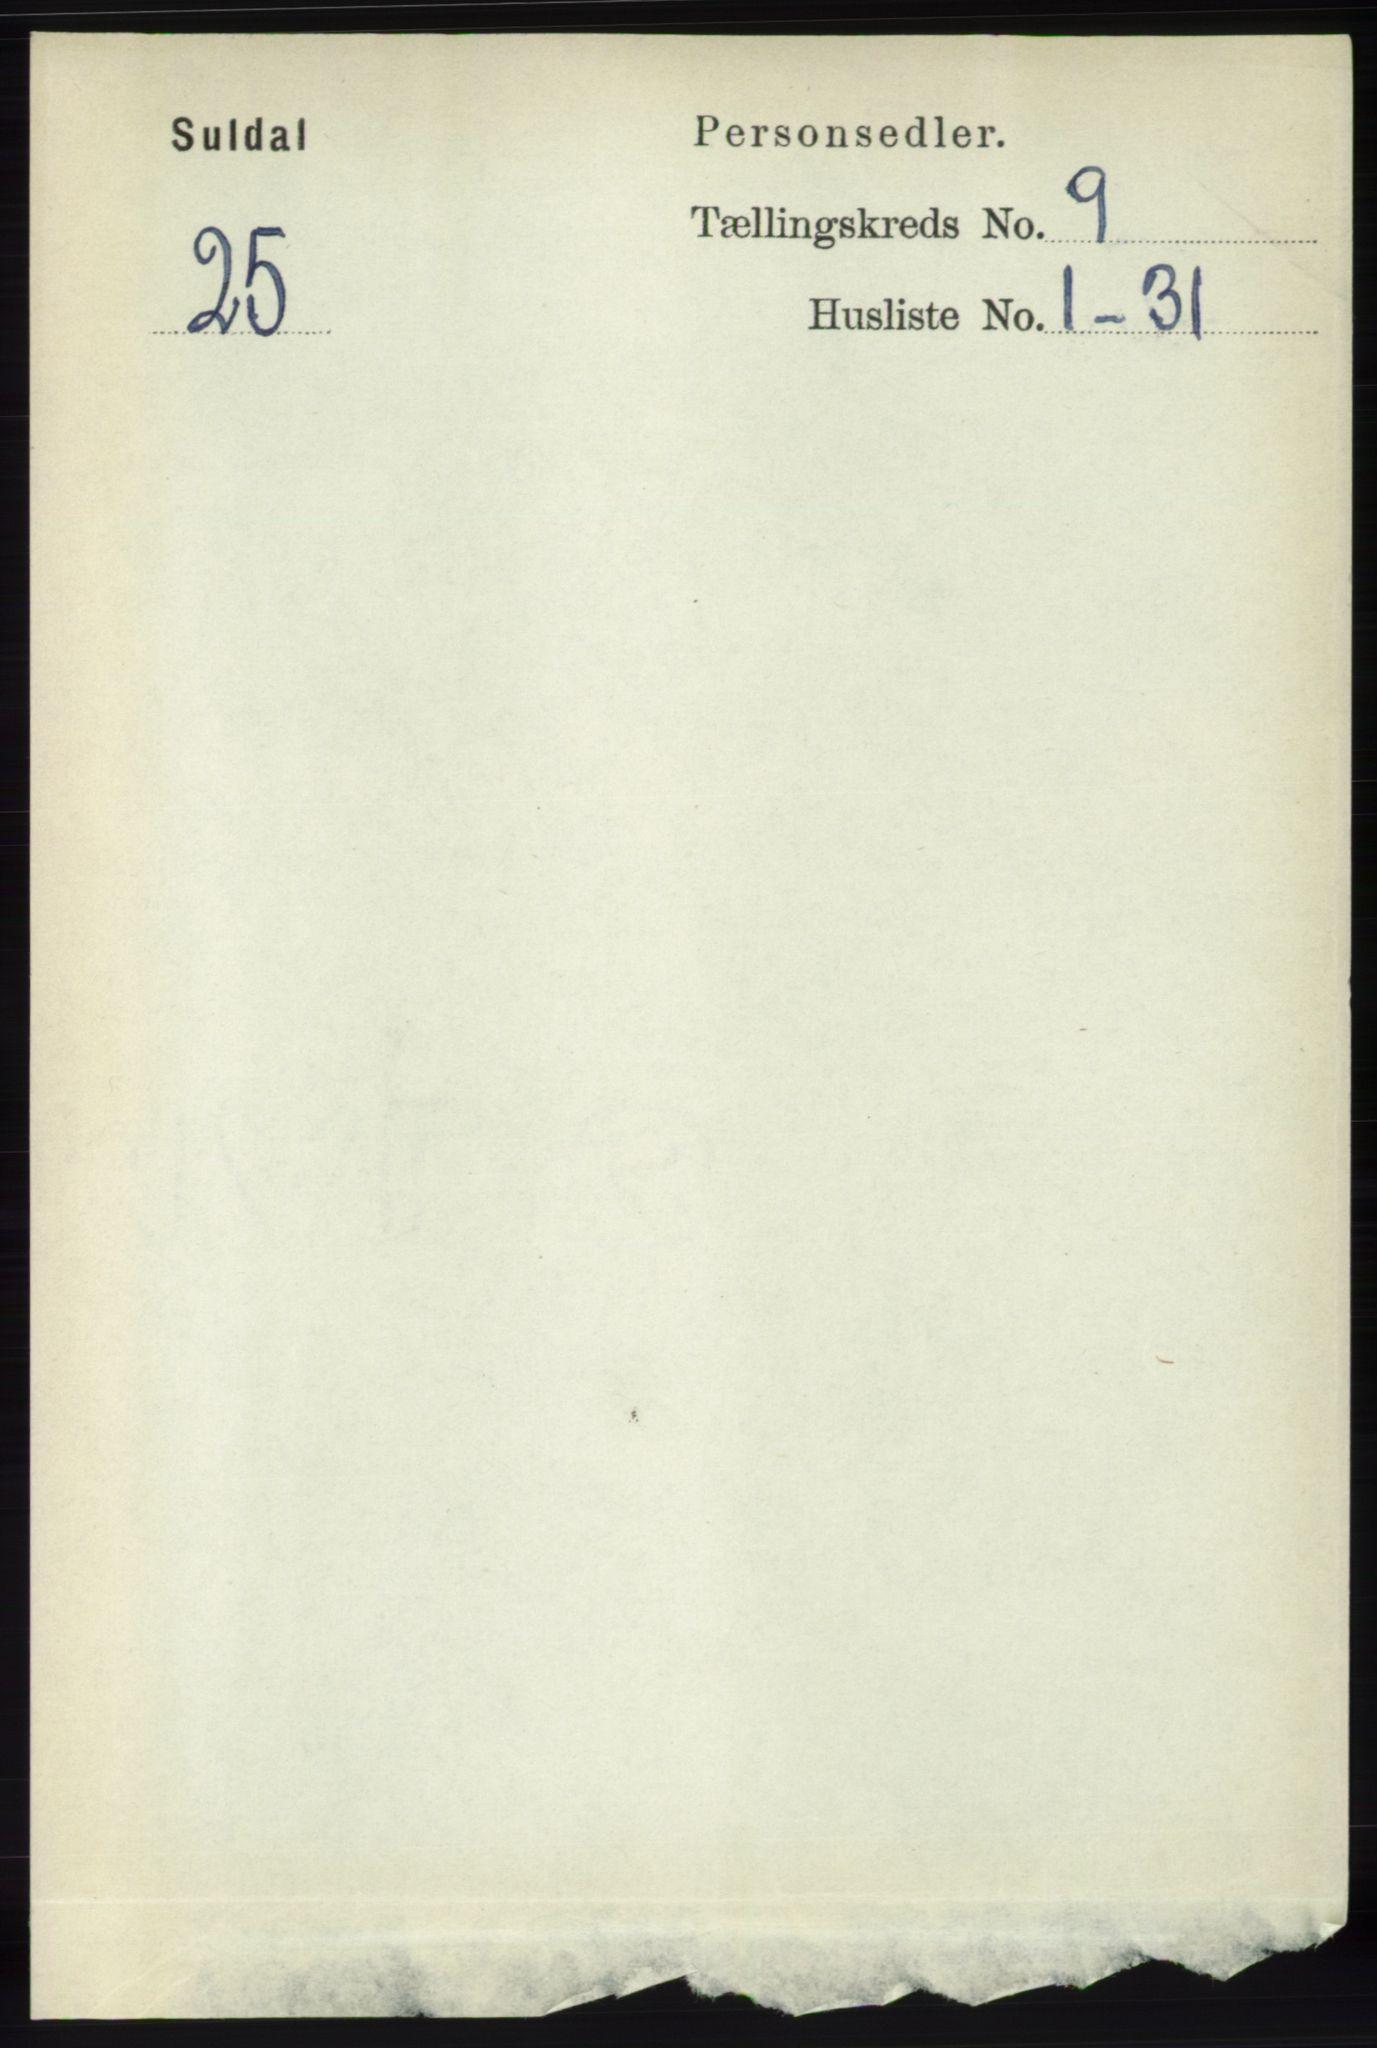 RA, Folketelling 1891 for 1134 Suldal herred, 1891, s. 2655